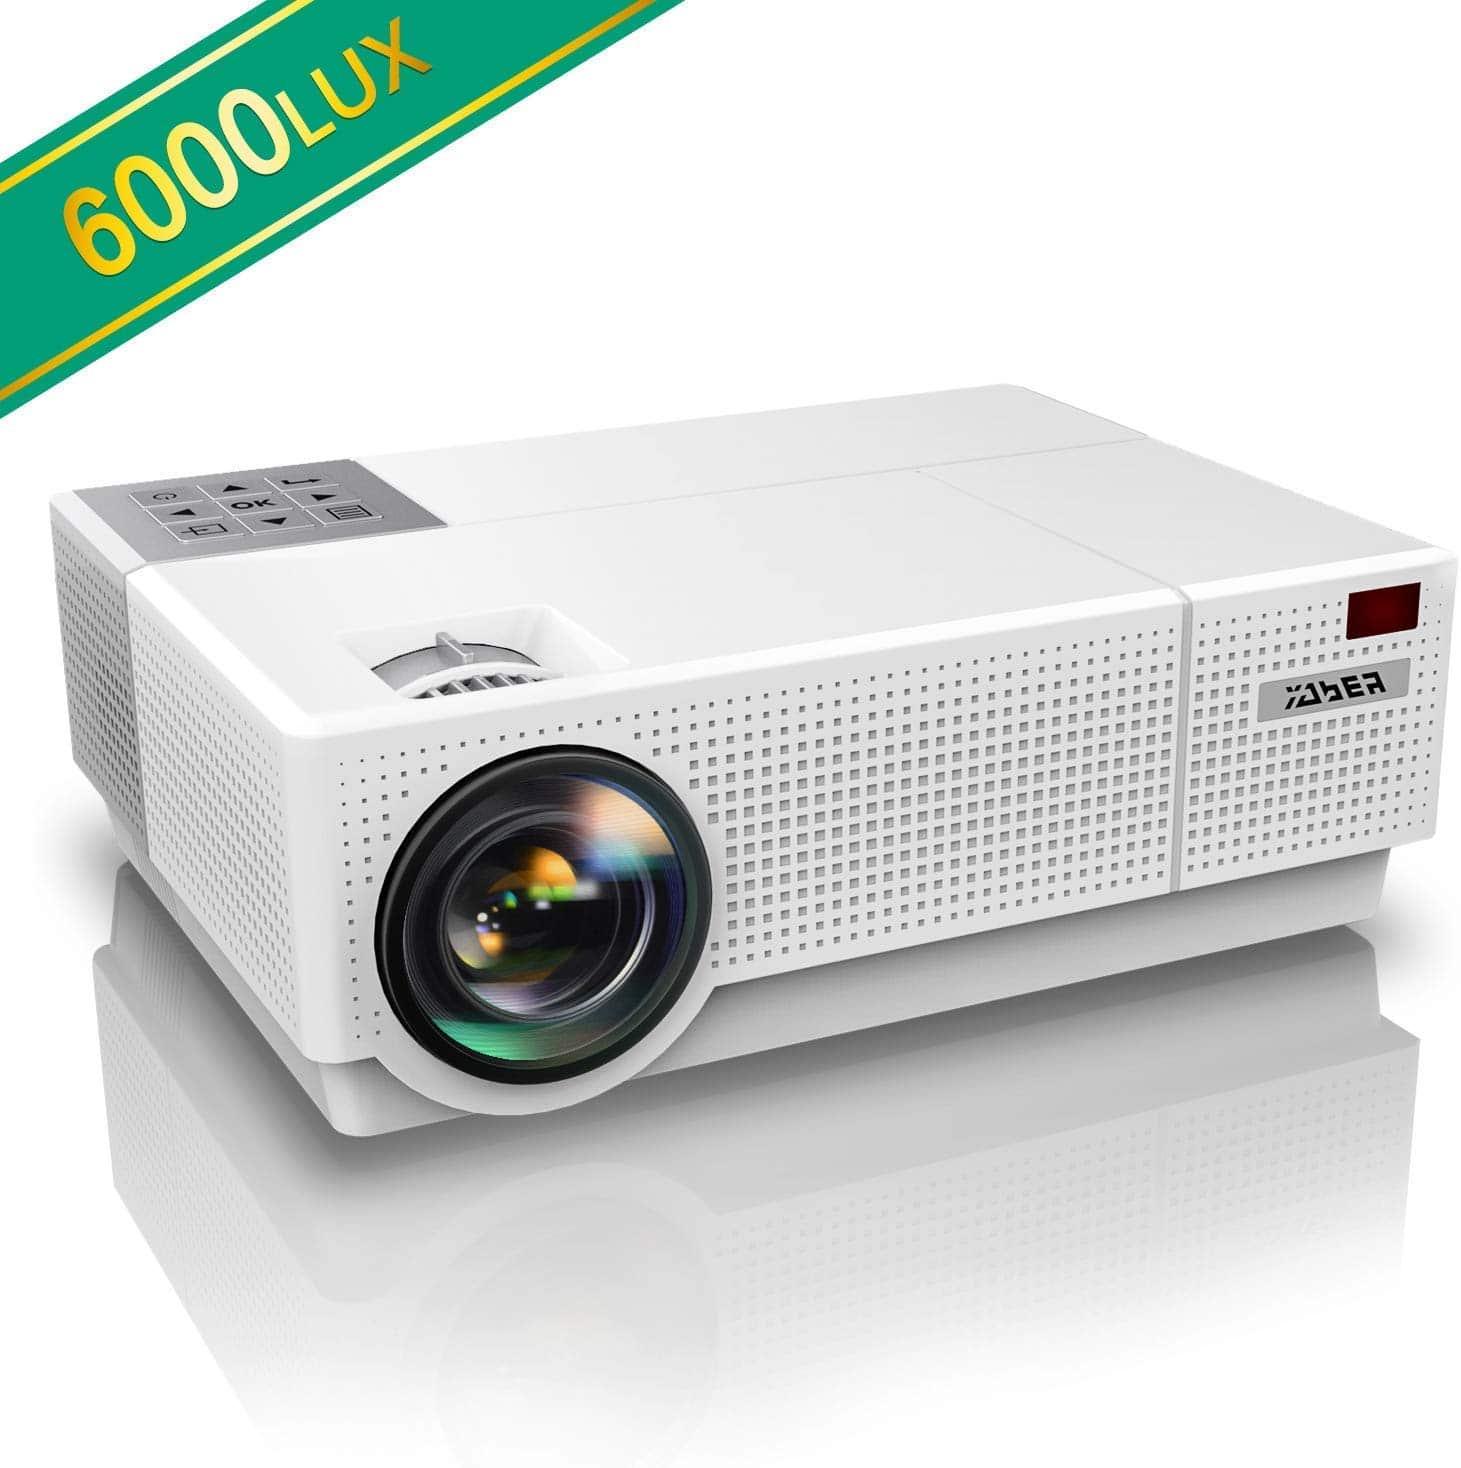 Comment Choisir Un Vidéoprojecteur avis yaber 6500 lumens : test du video projecteur full hd 1080p